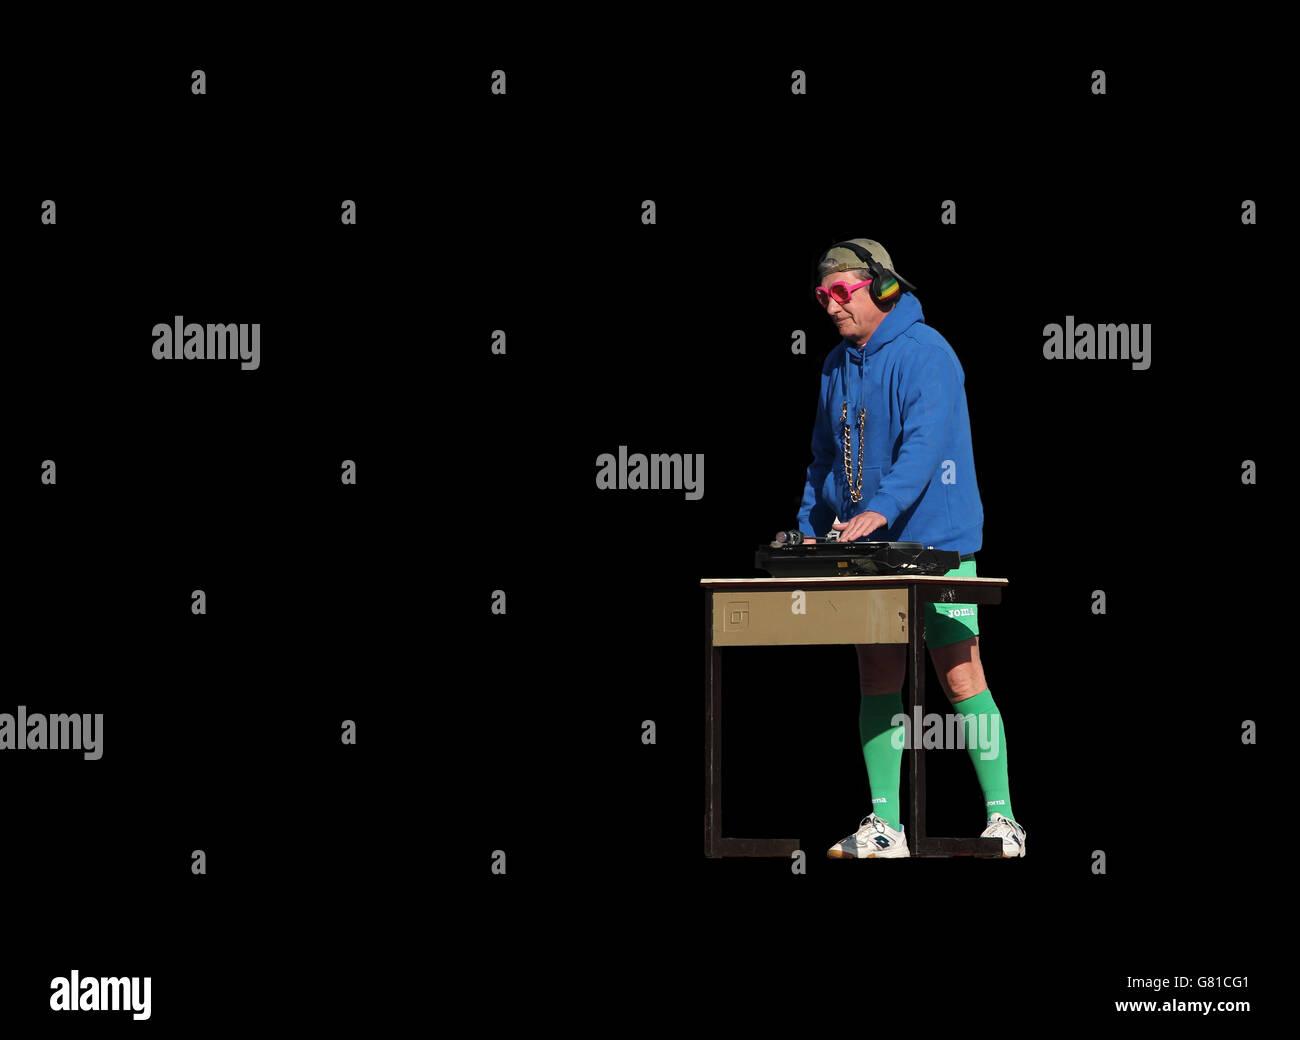 Funny vestito DJ di riproduzione di musica in attrezzature sportive Immagini Stock